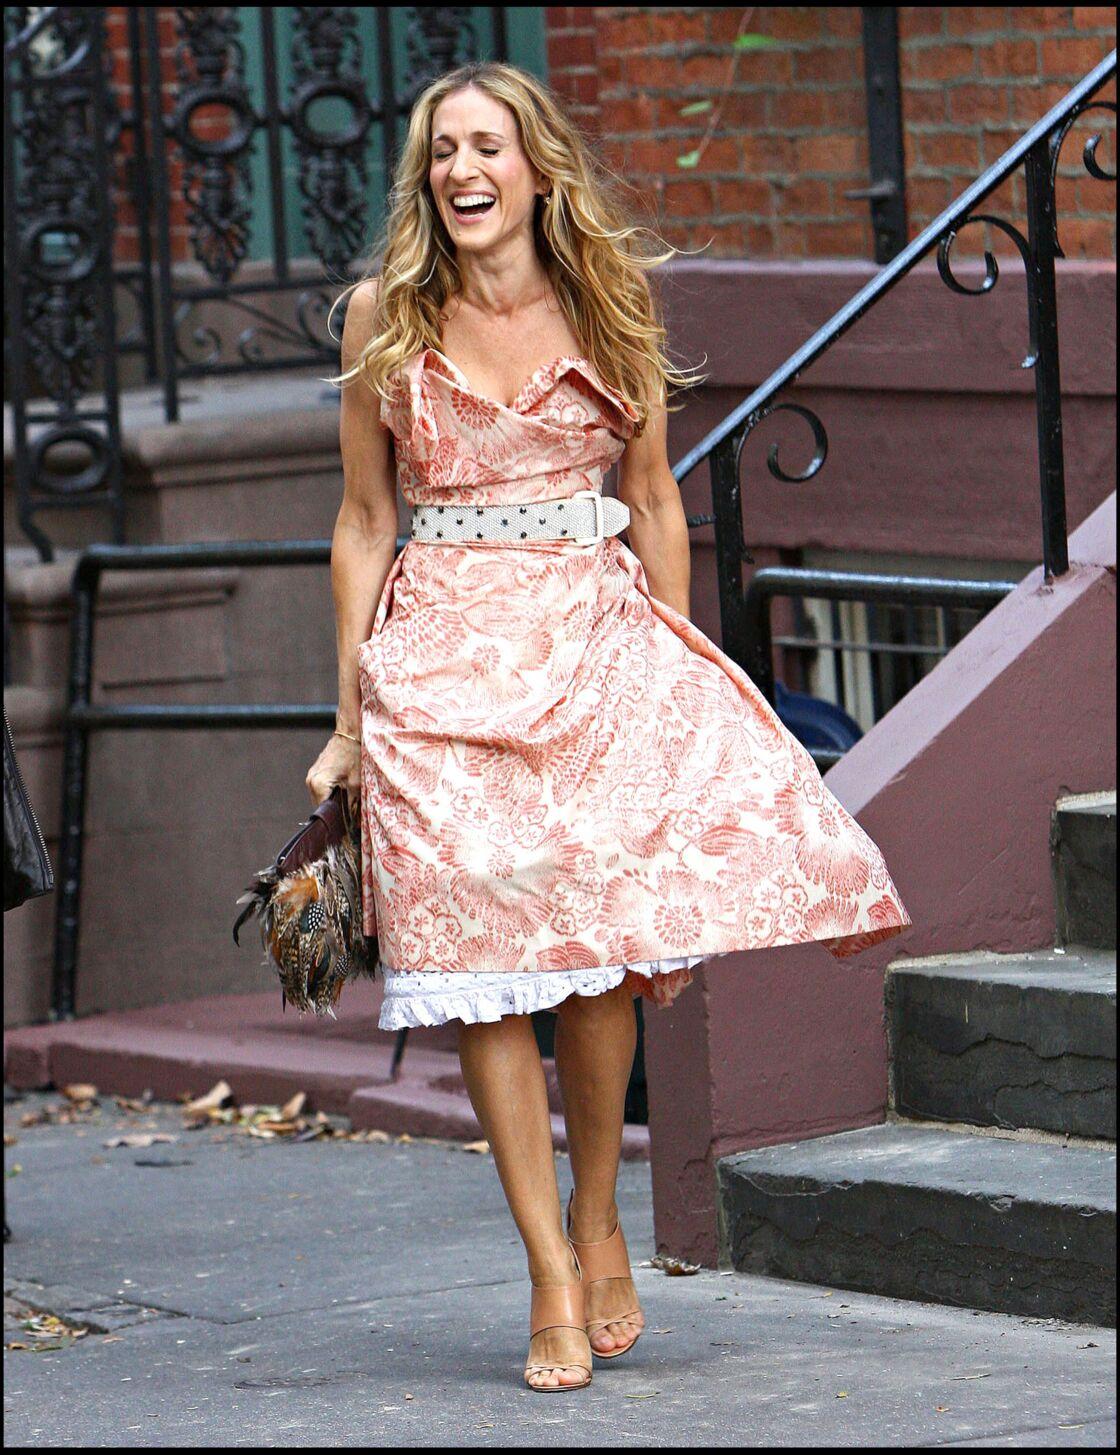 Adepte du mix and match, Carrie Bradshaw ceinture sa robe couture et complète sa tenue d'accessoires dépareillés